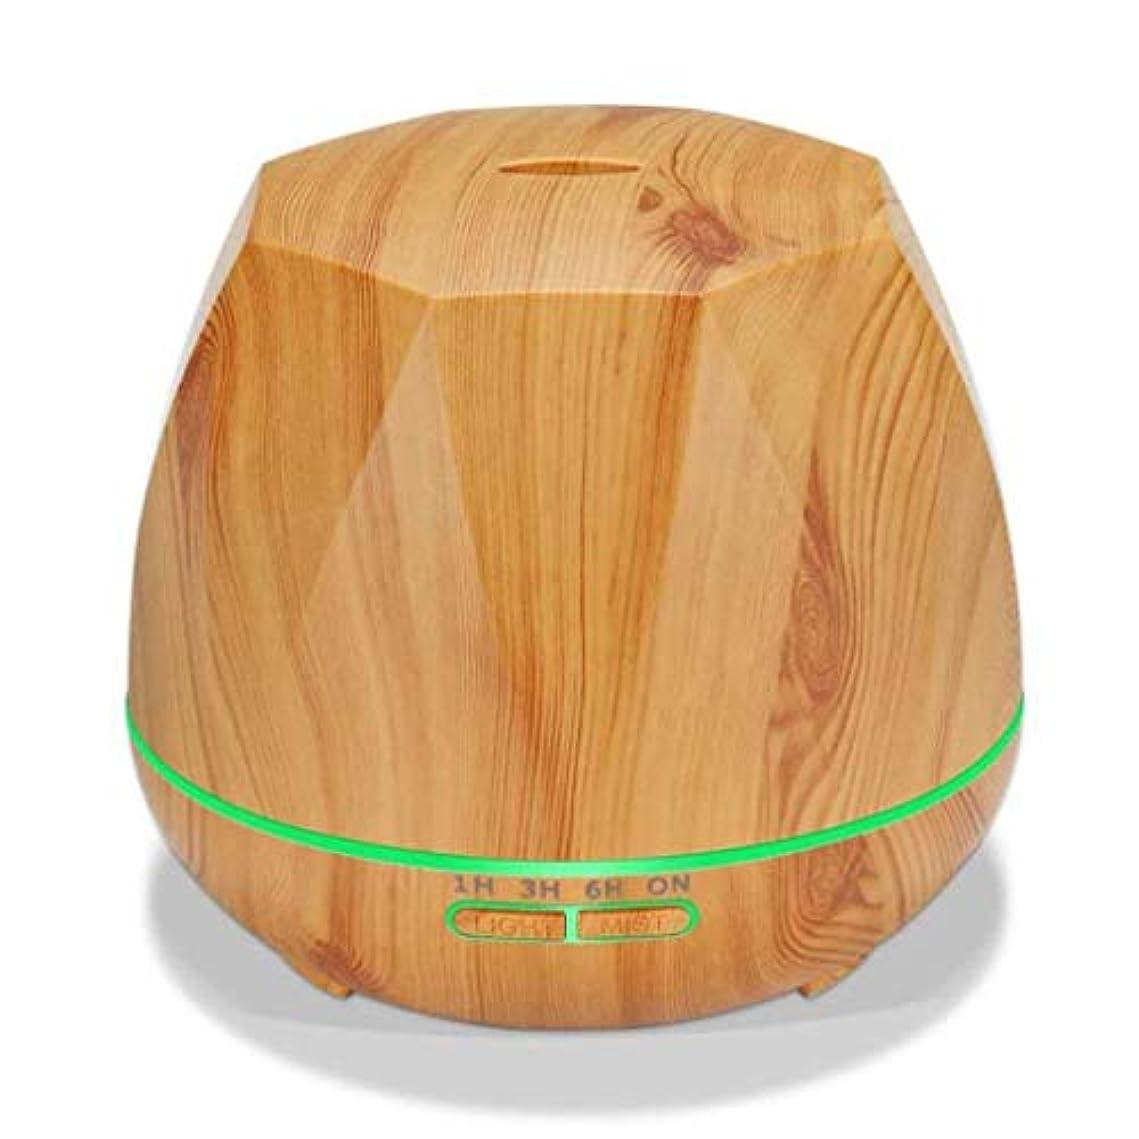 虚弱定常輝度クールミスト空気加湿器、カラーLEDライト付き交換用超音波、ヨガ、オフィス、スパ、寝室、ベビールーム - 木目調 (Color : Light wood grain)